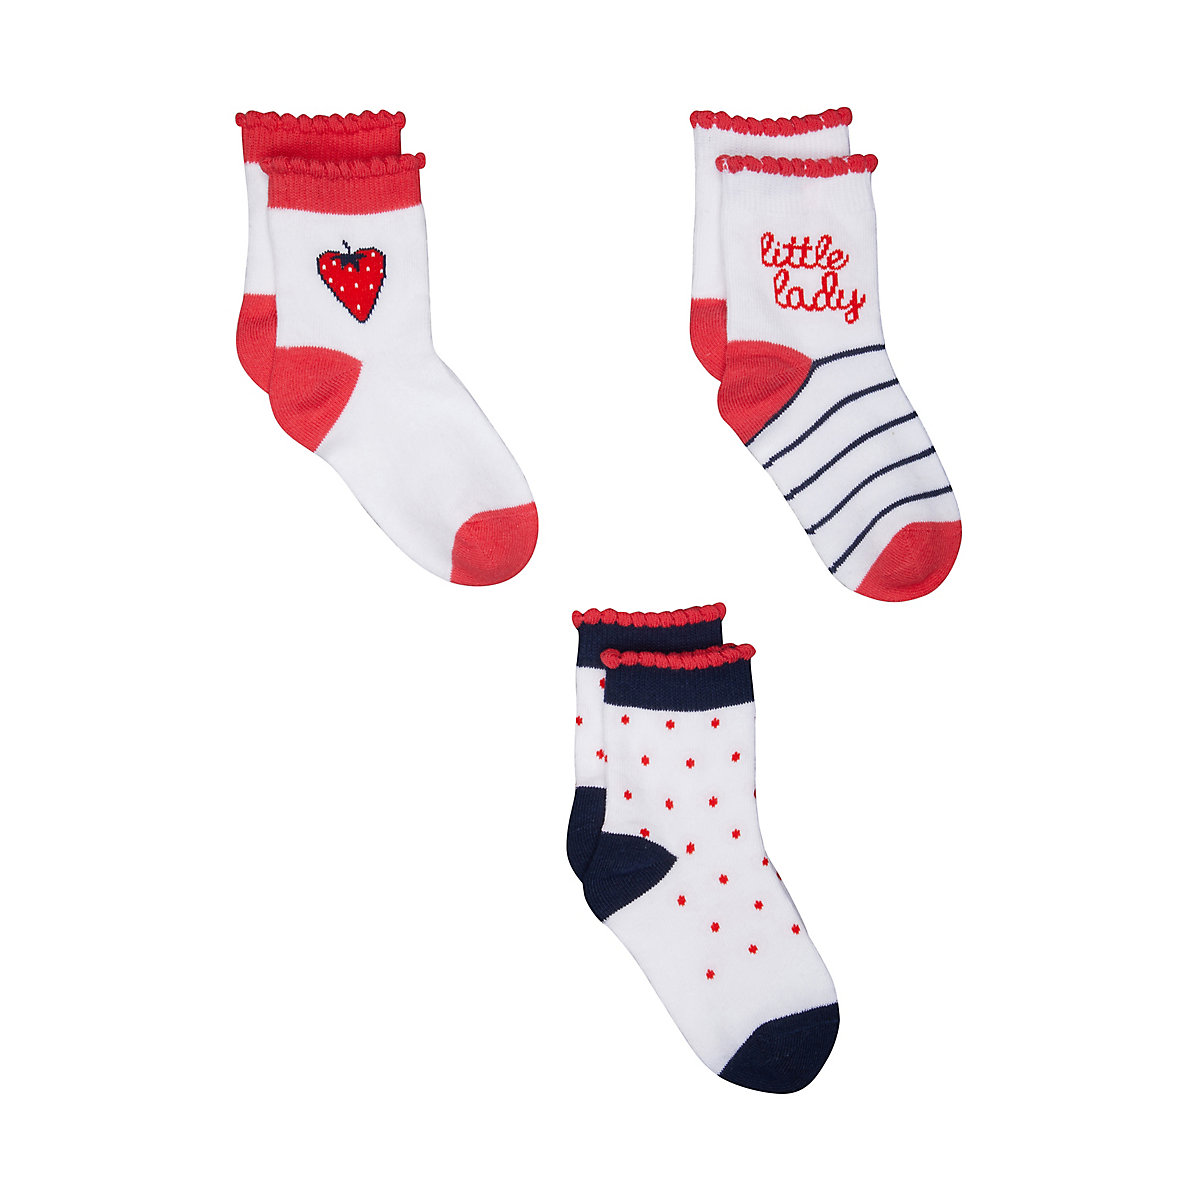 strawberry socks - 3 pack